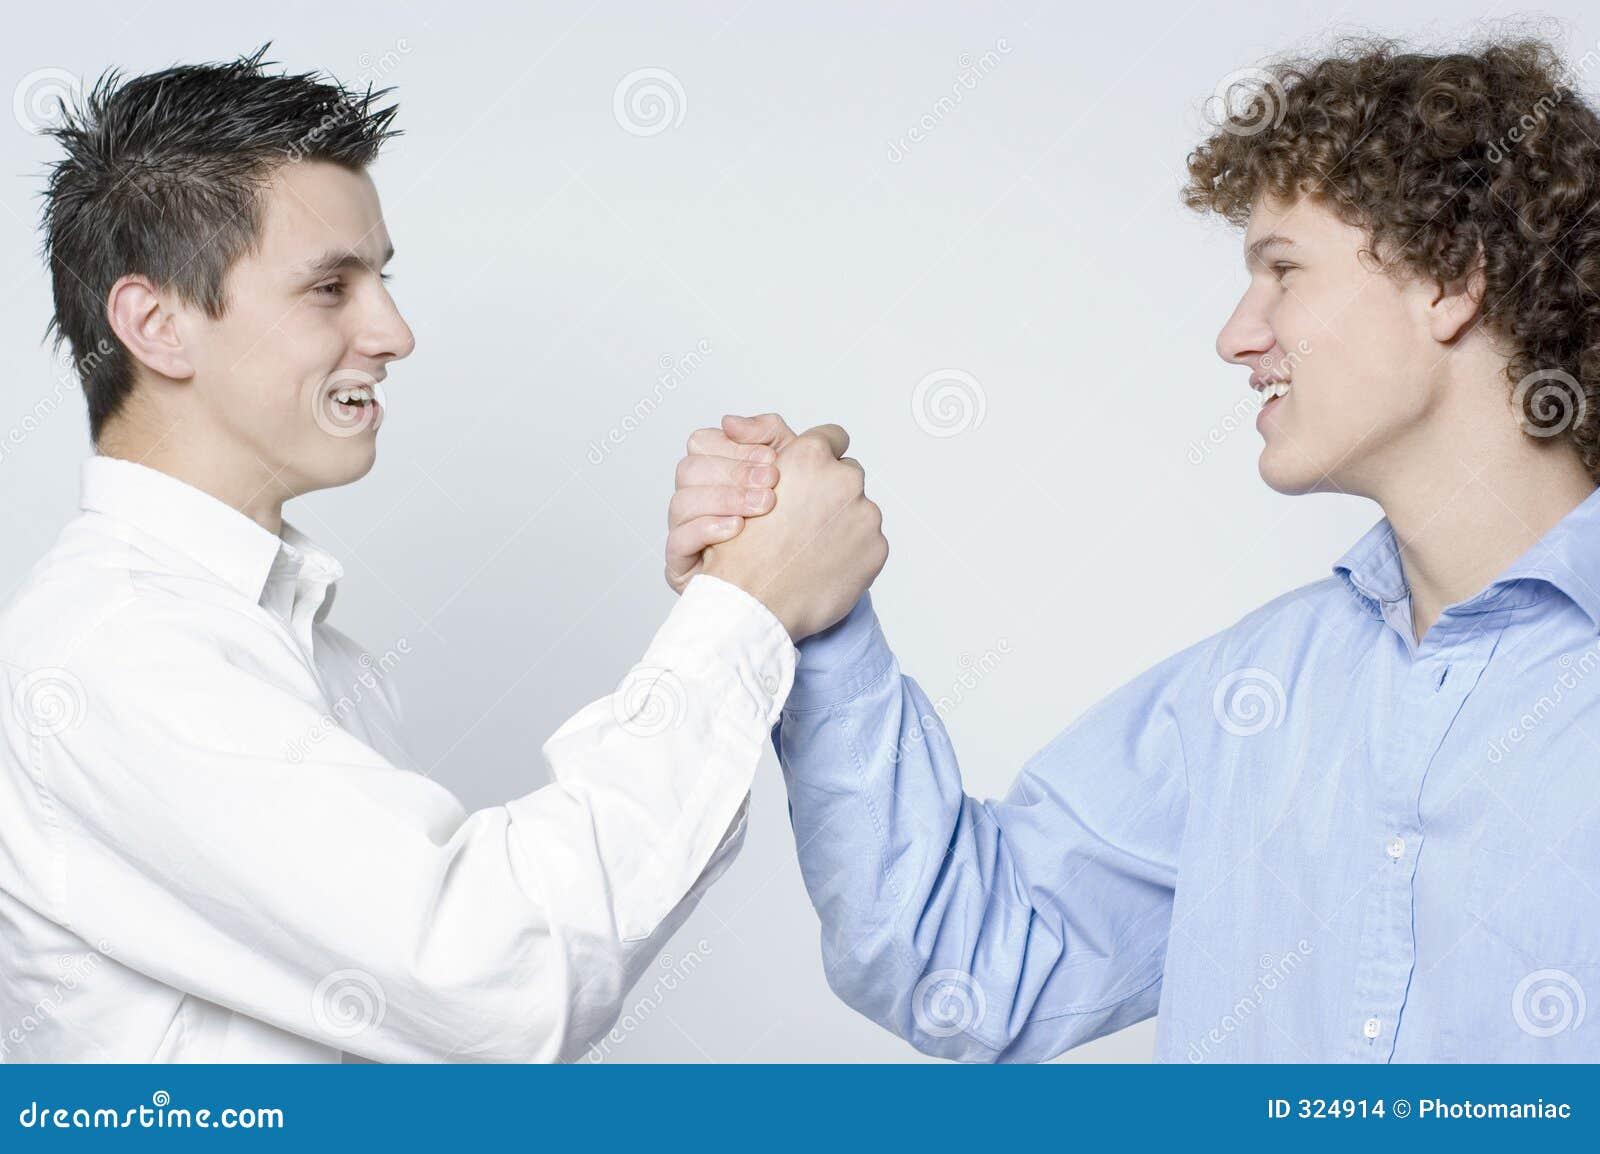 Boys / partnership handshake